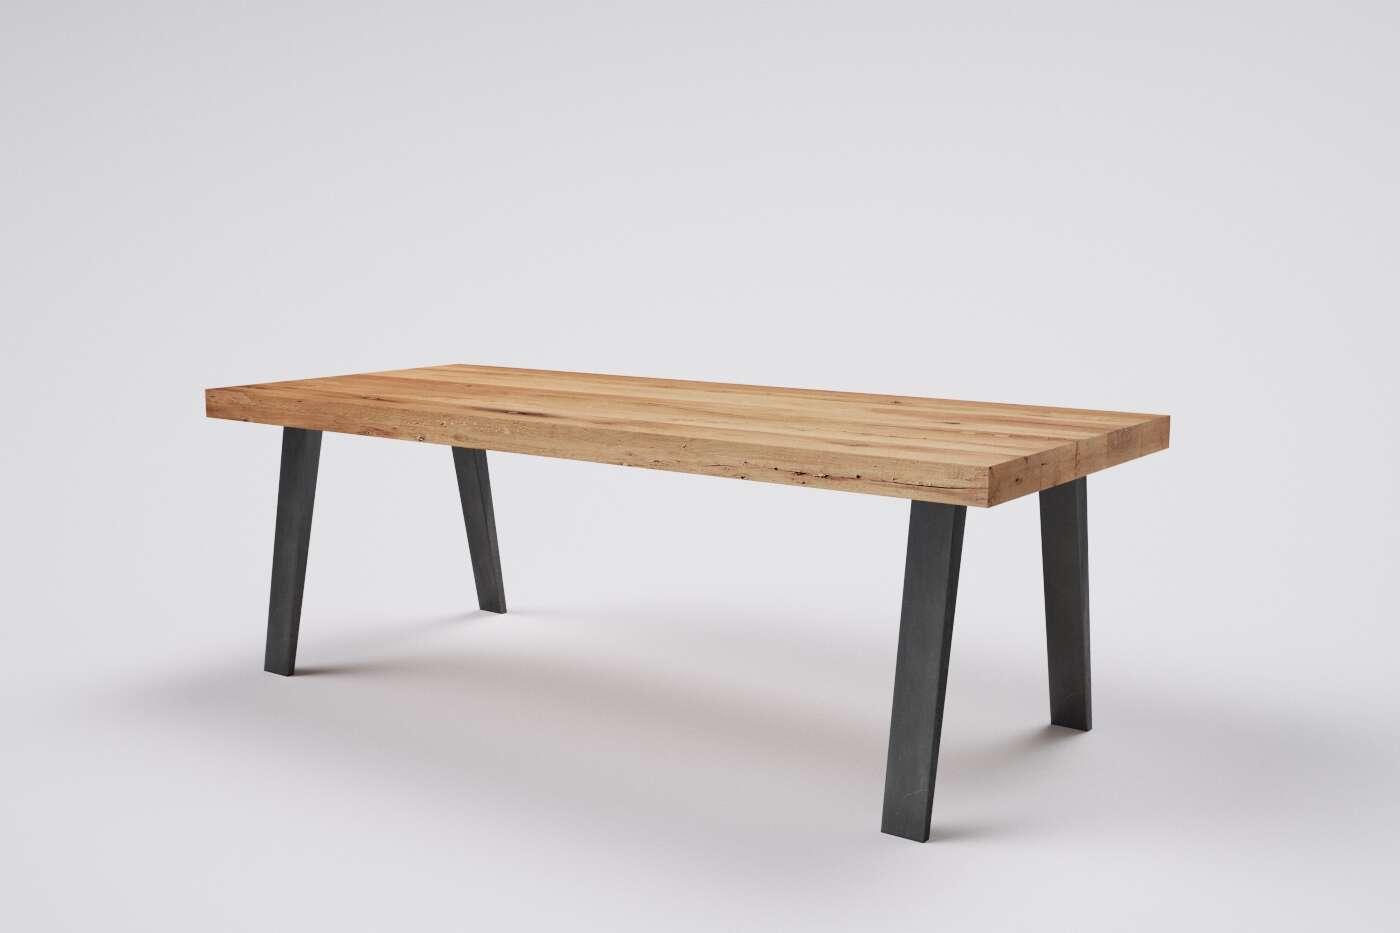 massivholztisch esstisch altholz auf ma wohnsektion. Black Bedroom Furniture Sets. Home Design Ideas